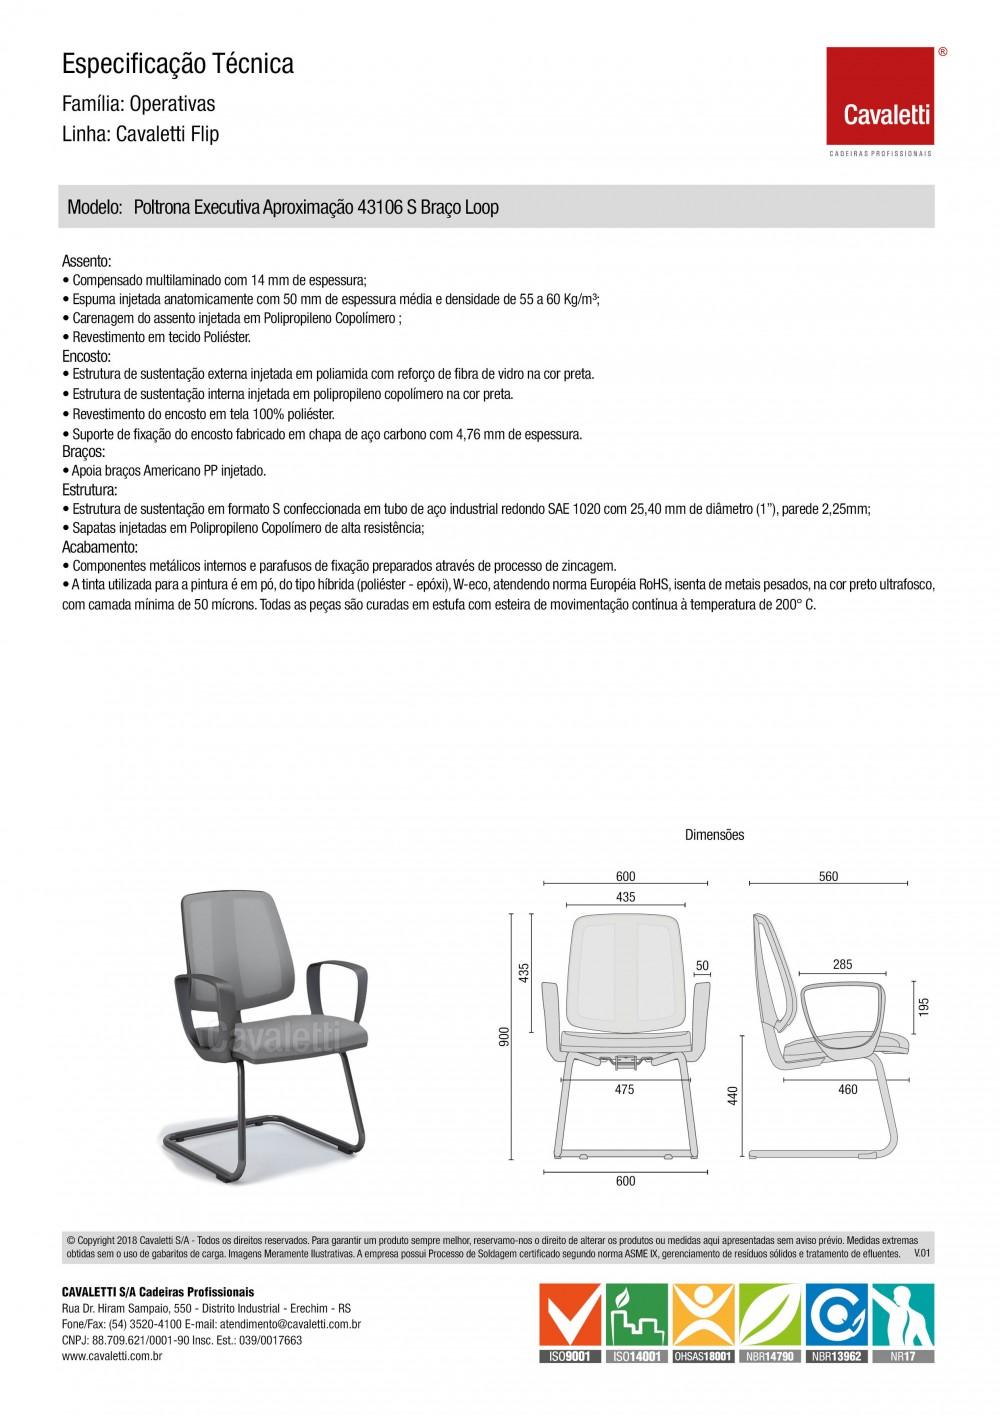 Cadeira para escritório fixa aproximação 43106 S - Braço LOOP - ESTRUTURA CROMADA - Linha FLIP - Cavaletti -